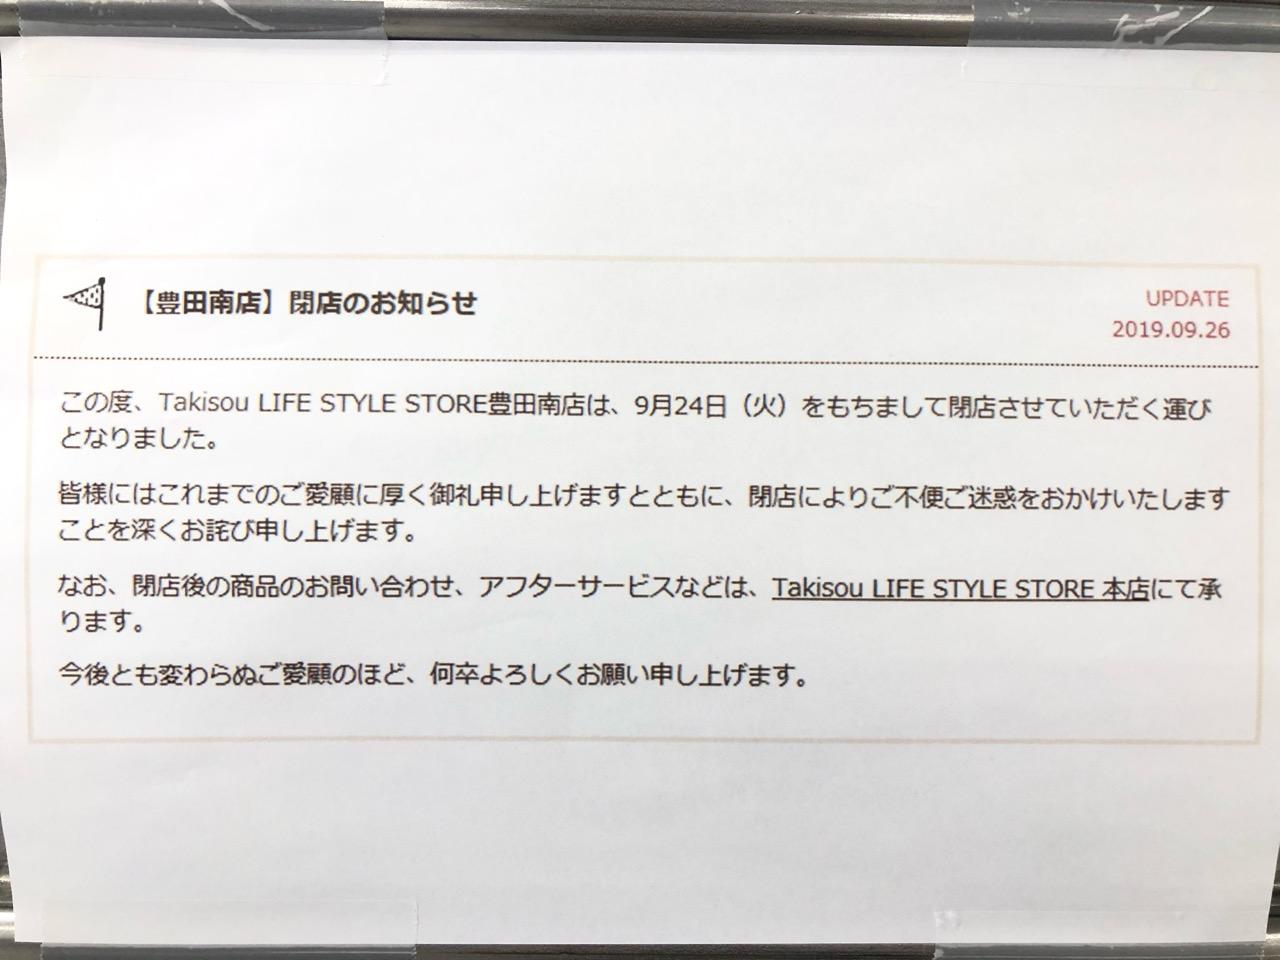 タキソウ豊田吉原閉店